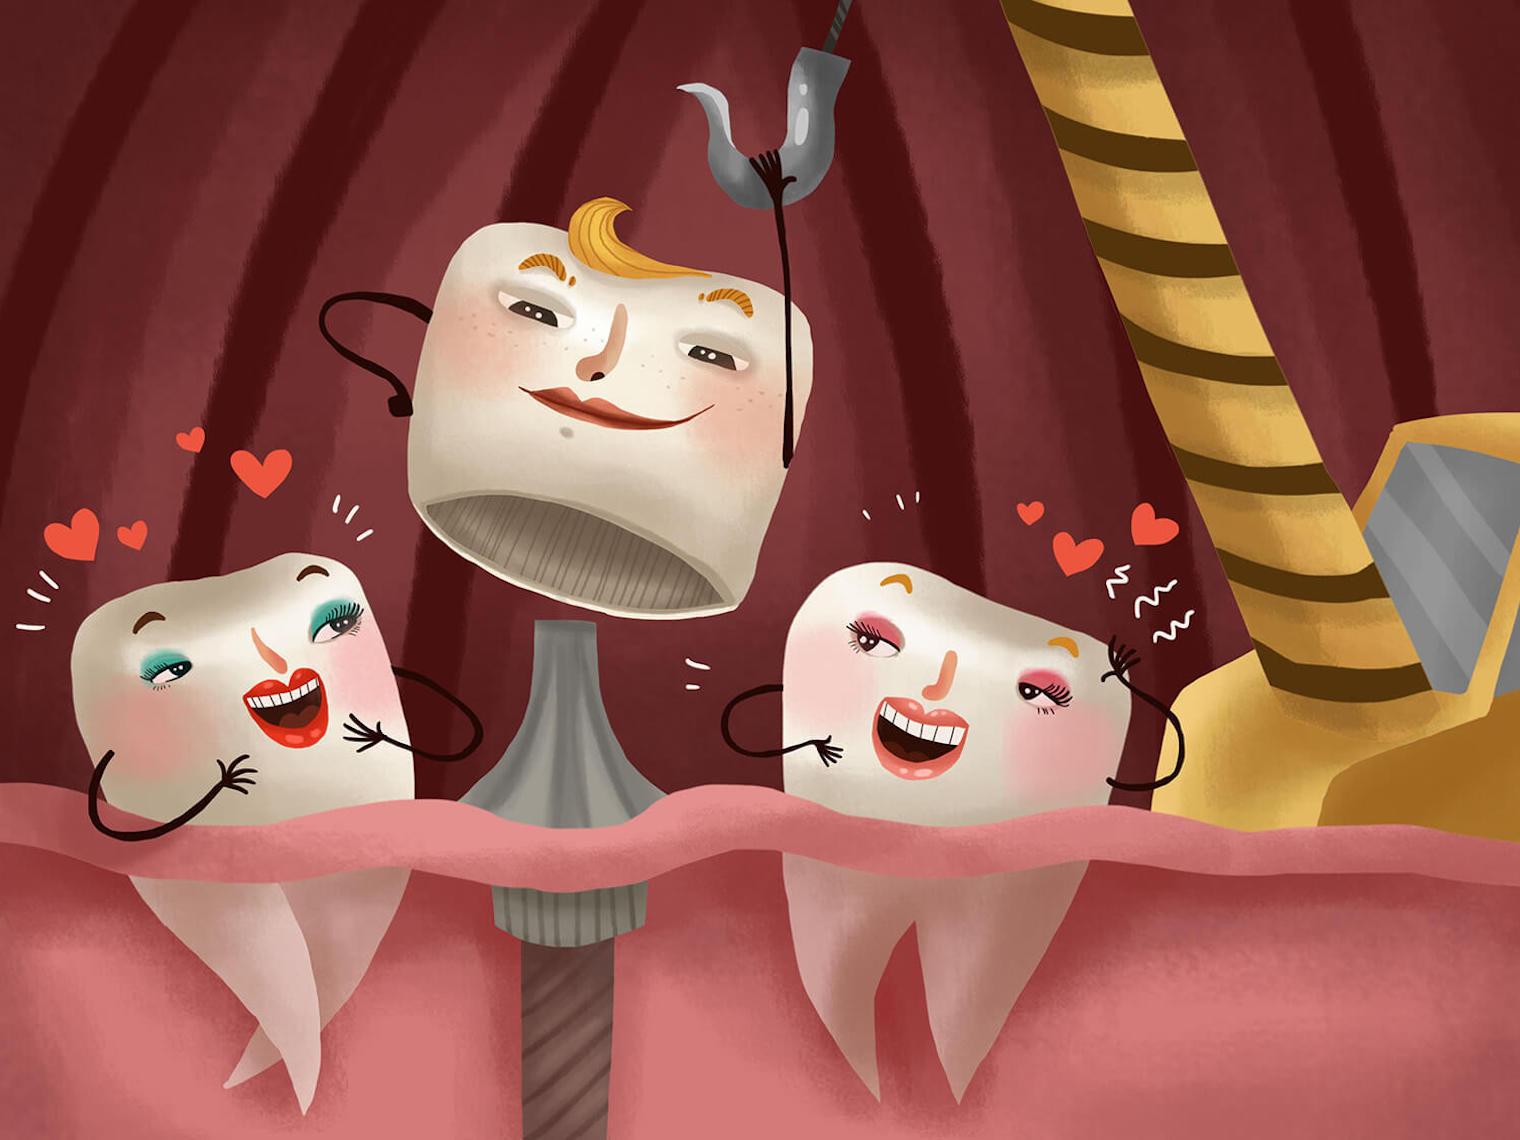 缺牙破壞美觀,影響進食、咀嚼與咬合。穆樂斥資投入精品設備水雷射,專利牙科先進技術的設備,能有效發揮「少疼痛、少流血、快速恢復」的特性